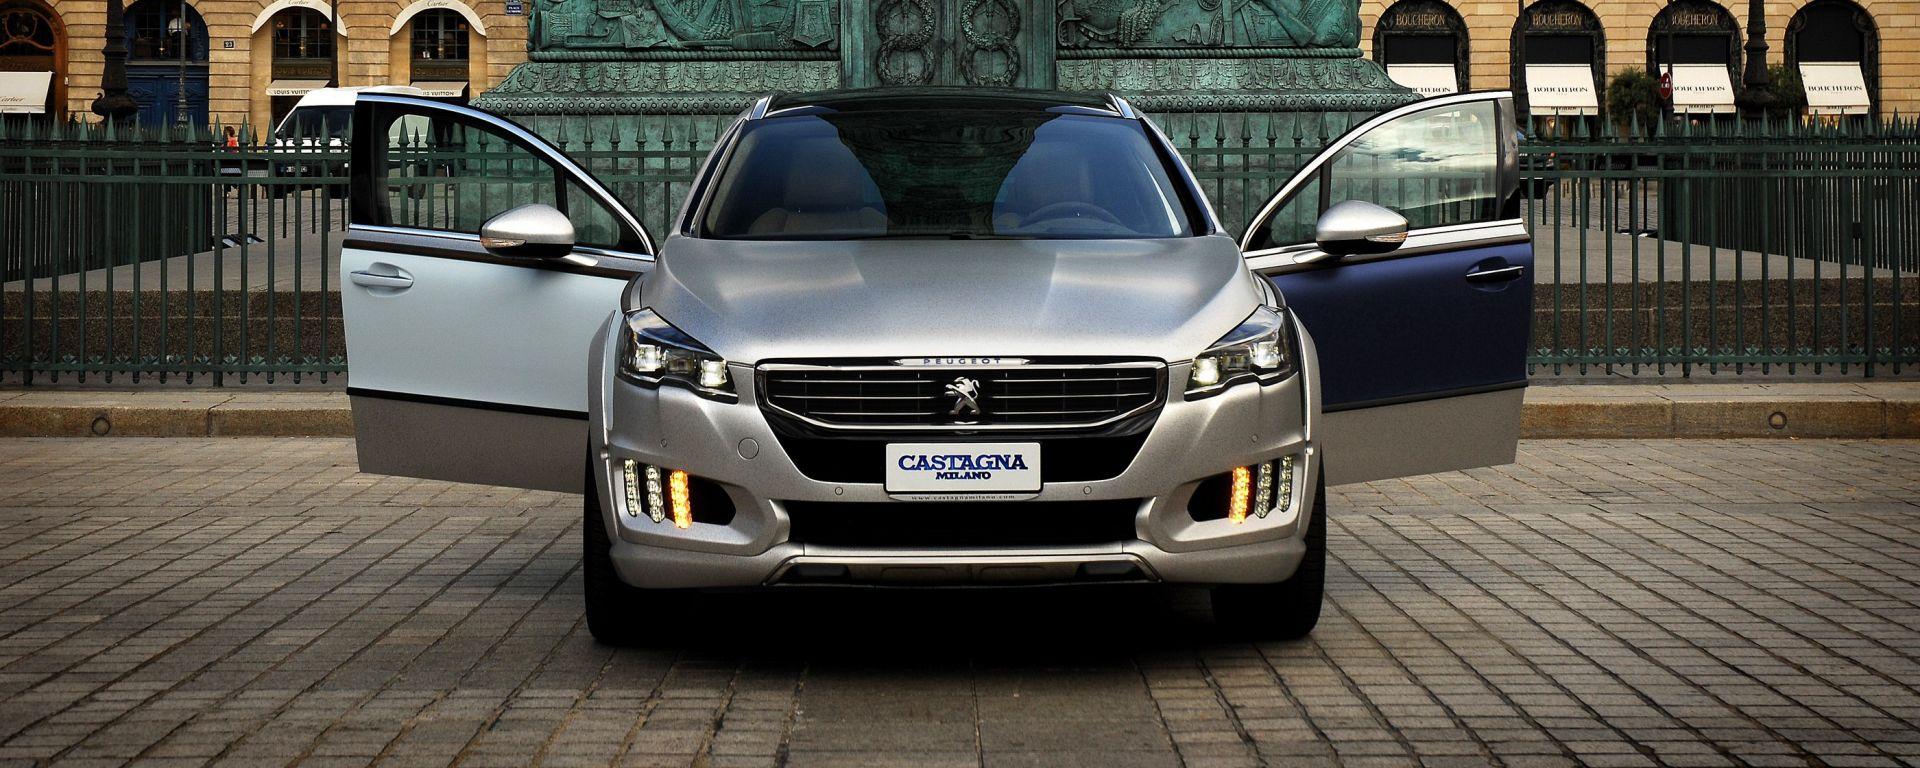 Peugeot: la carrozzeria Castagna firma la nuova 508 RXH Gris